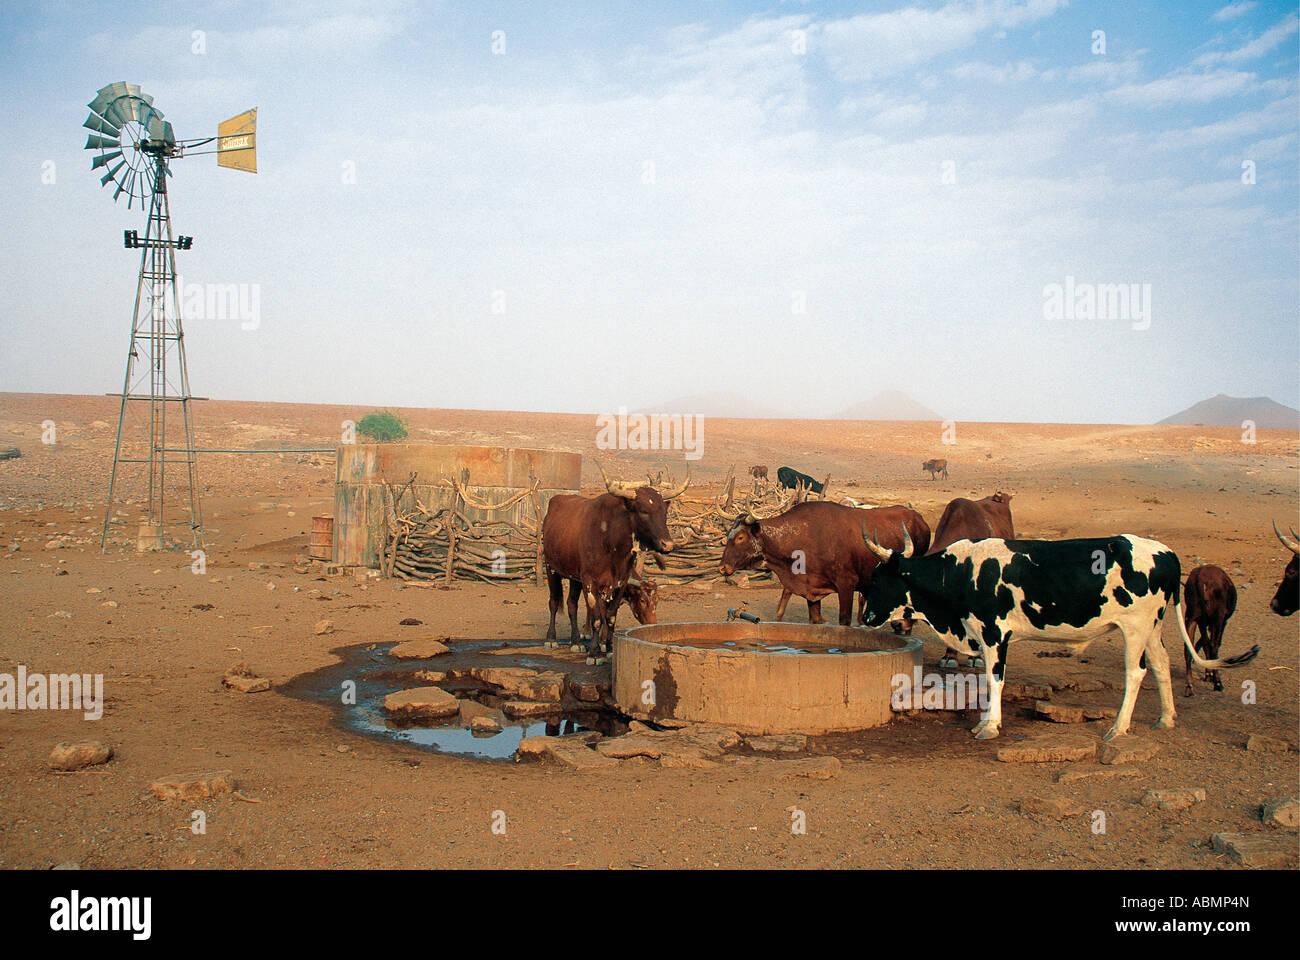 Rinder der Himba Nomadenstamm werden bei einem Wind angetrieben gut Orupembe Kaokoveld Namibia Küstennebel Stockbild